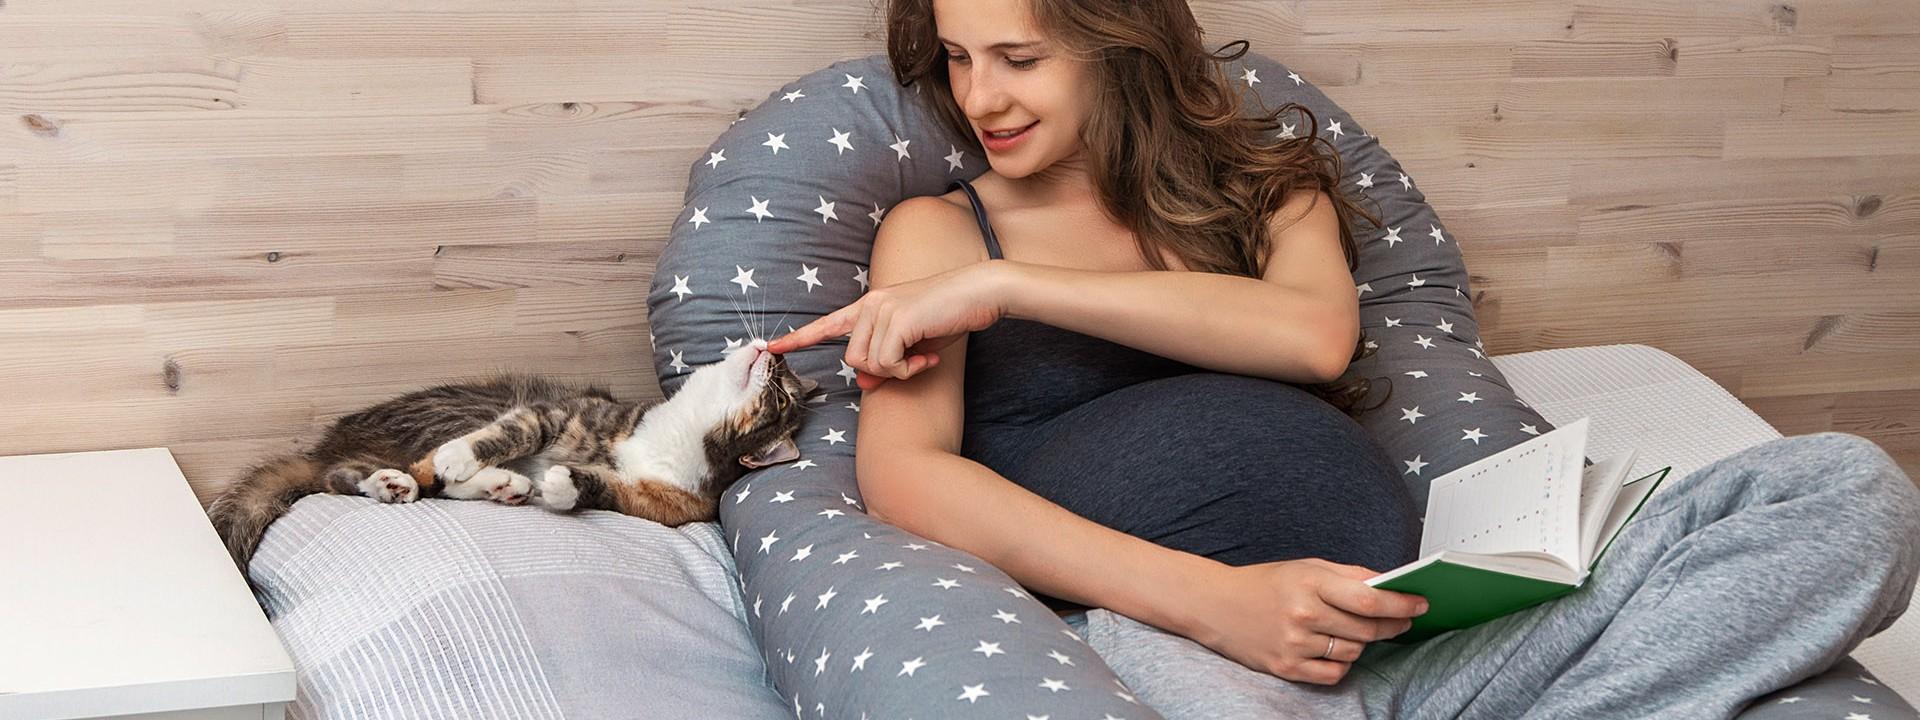 Schwangere Frau liegt auf dem Bett mit Katze